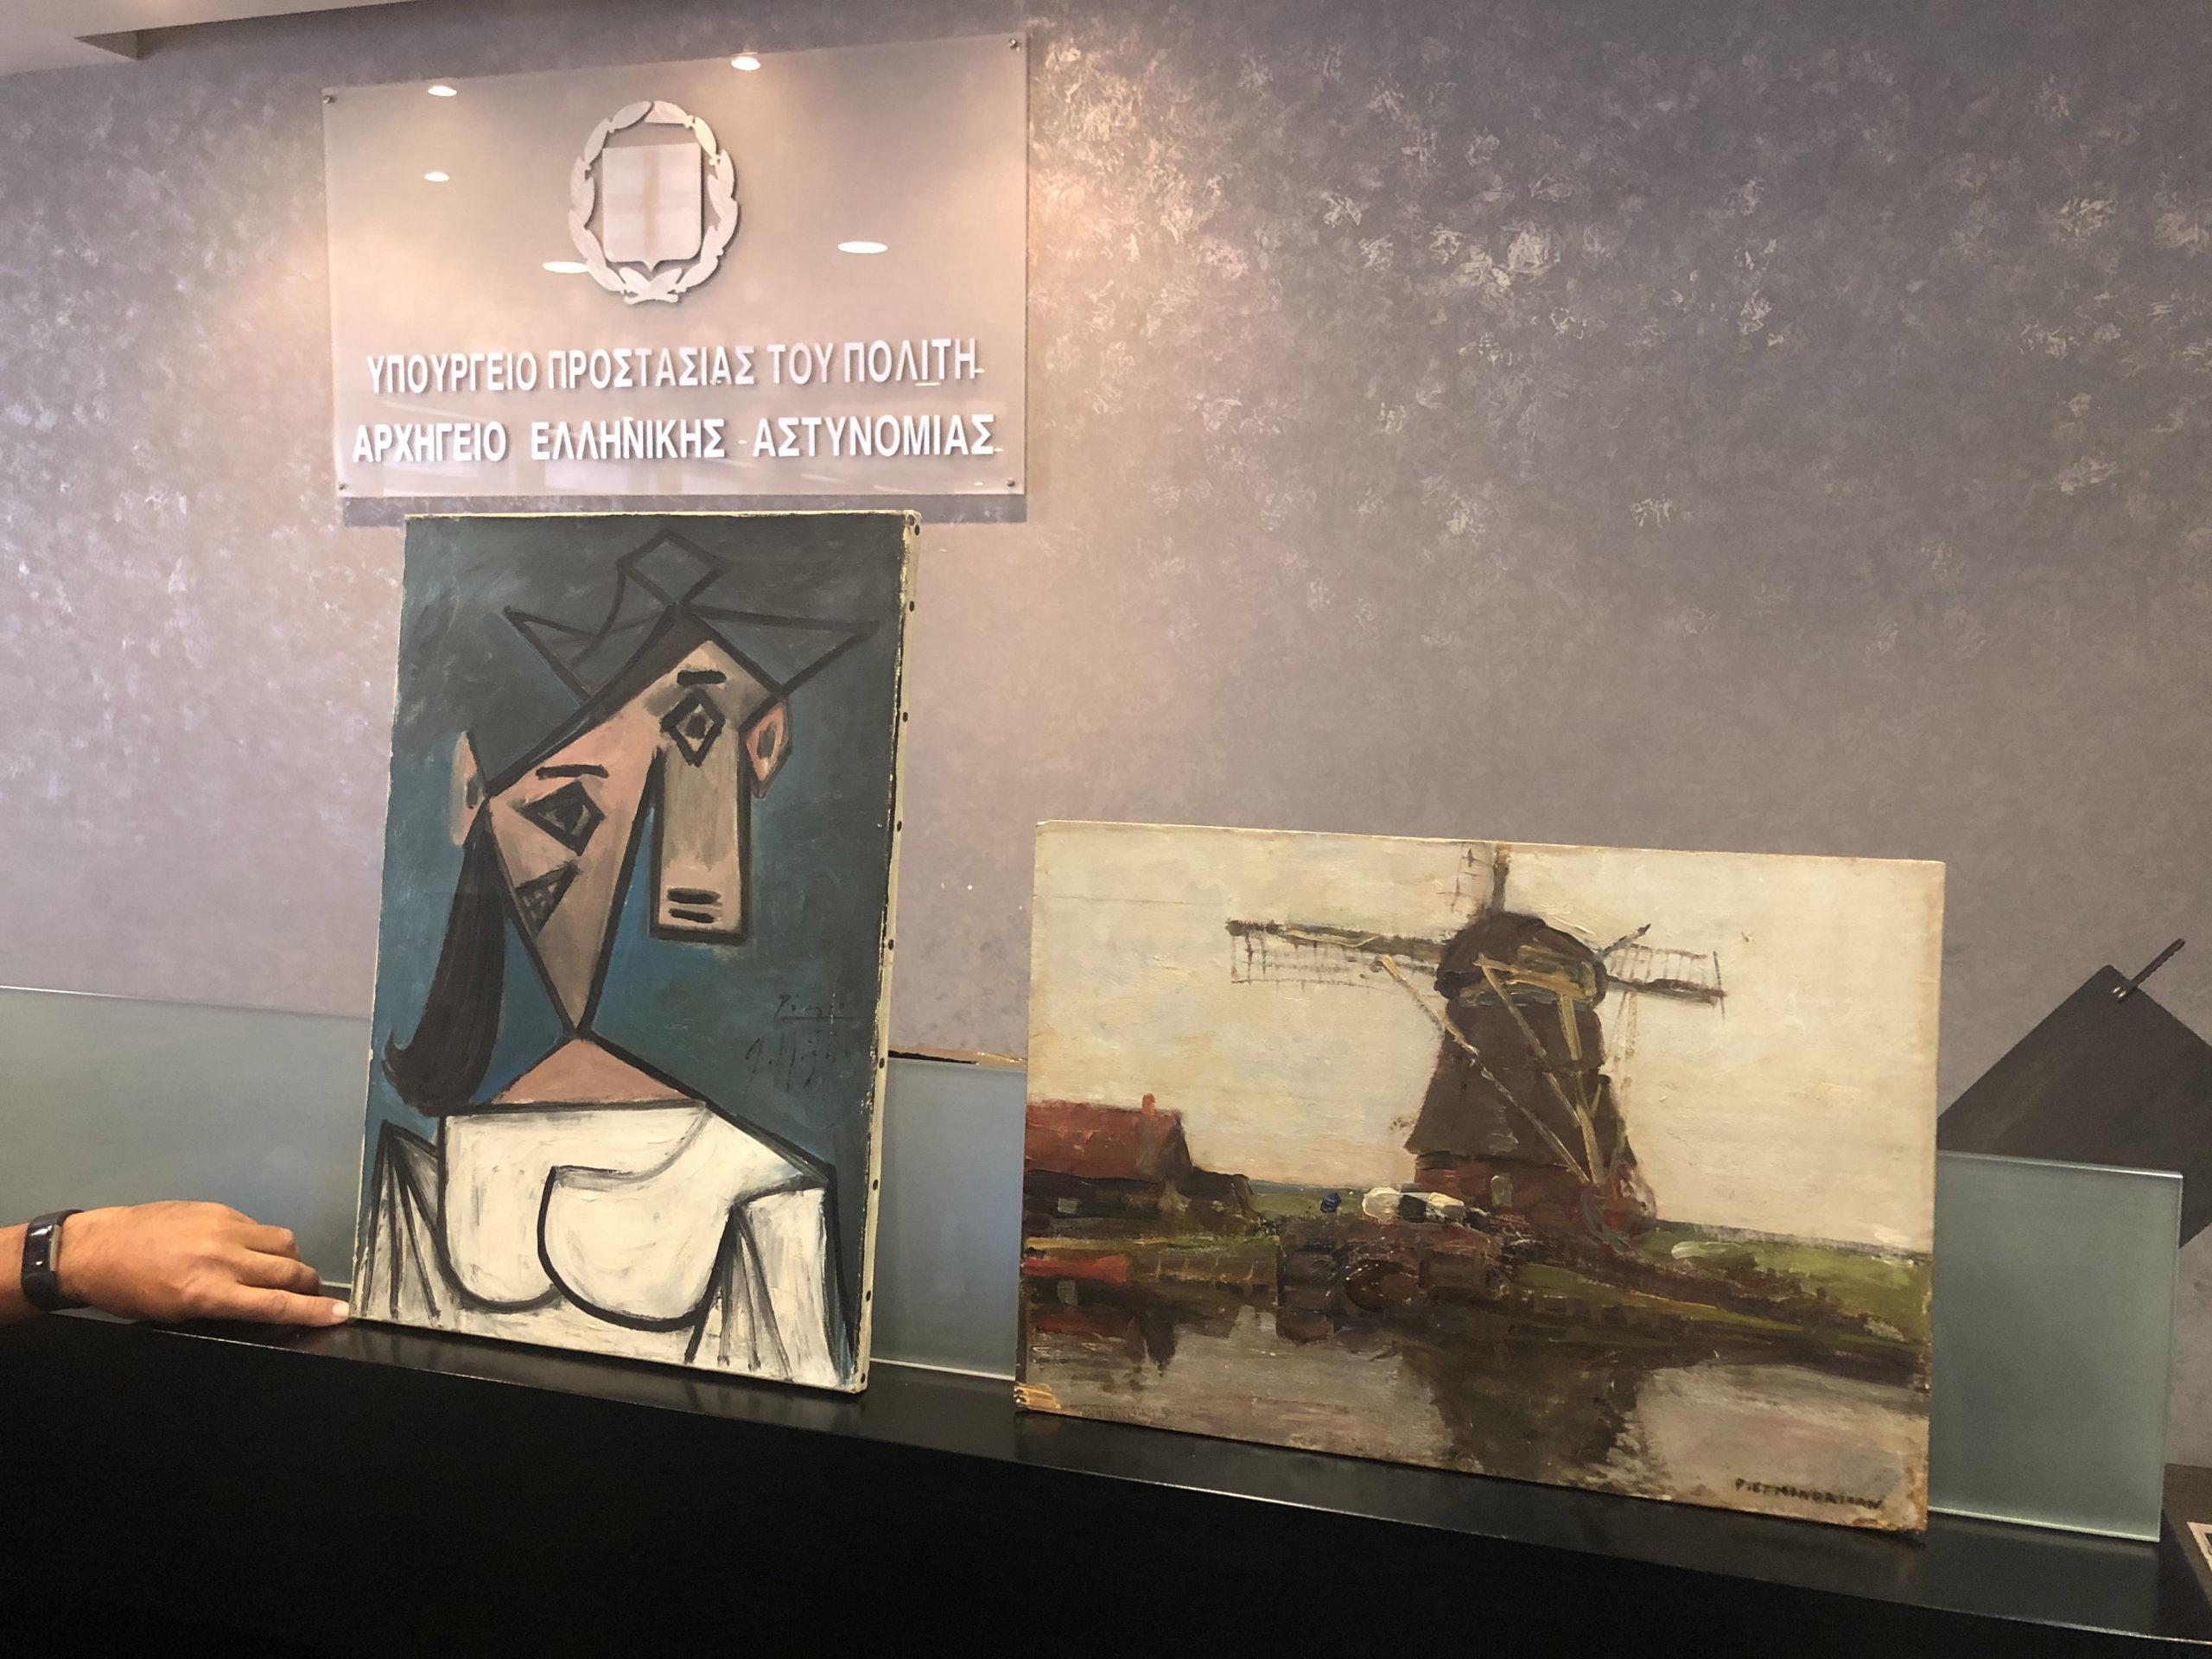 Η κλοπή του αιώνα: Η ΕΛ.ΑΣ «βλέπει» στην Ολλανδία πιθανούς αγοραστές